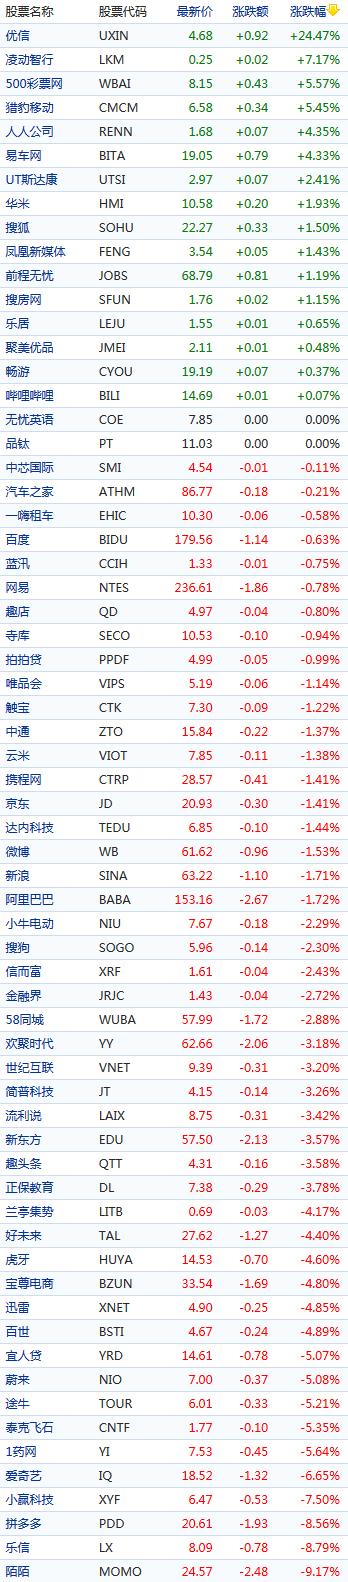 中概股周五多数下跌:优信大涨逾24% 陌陌跌逾9%